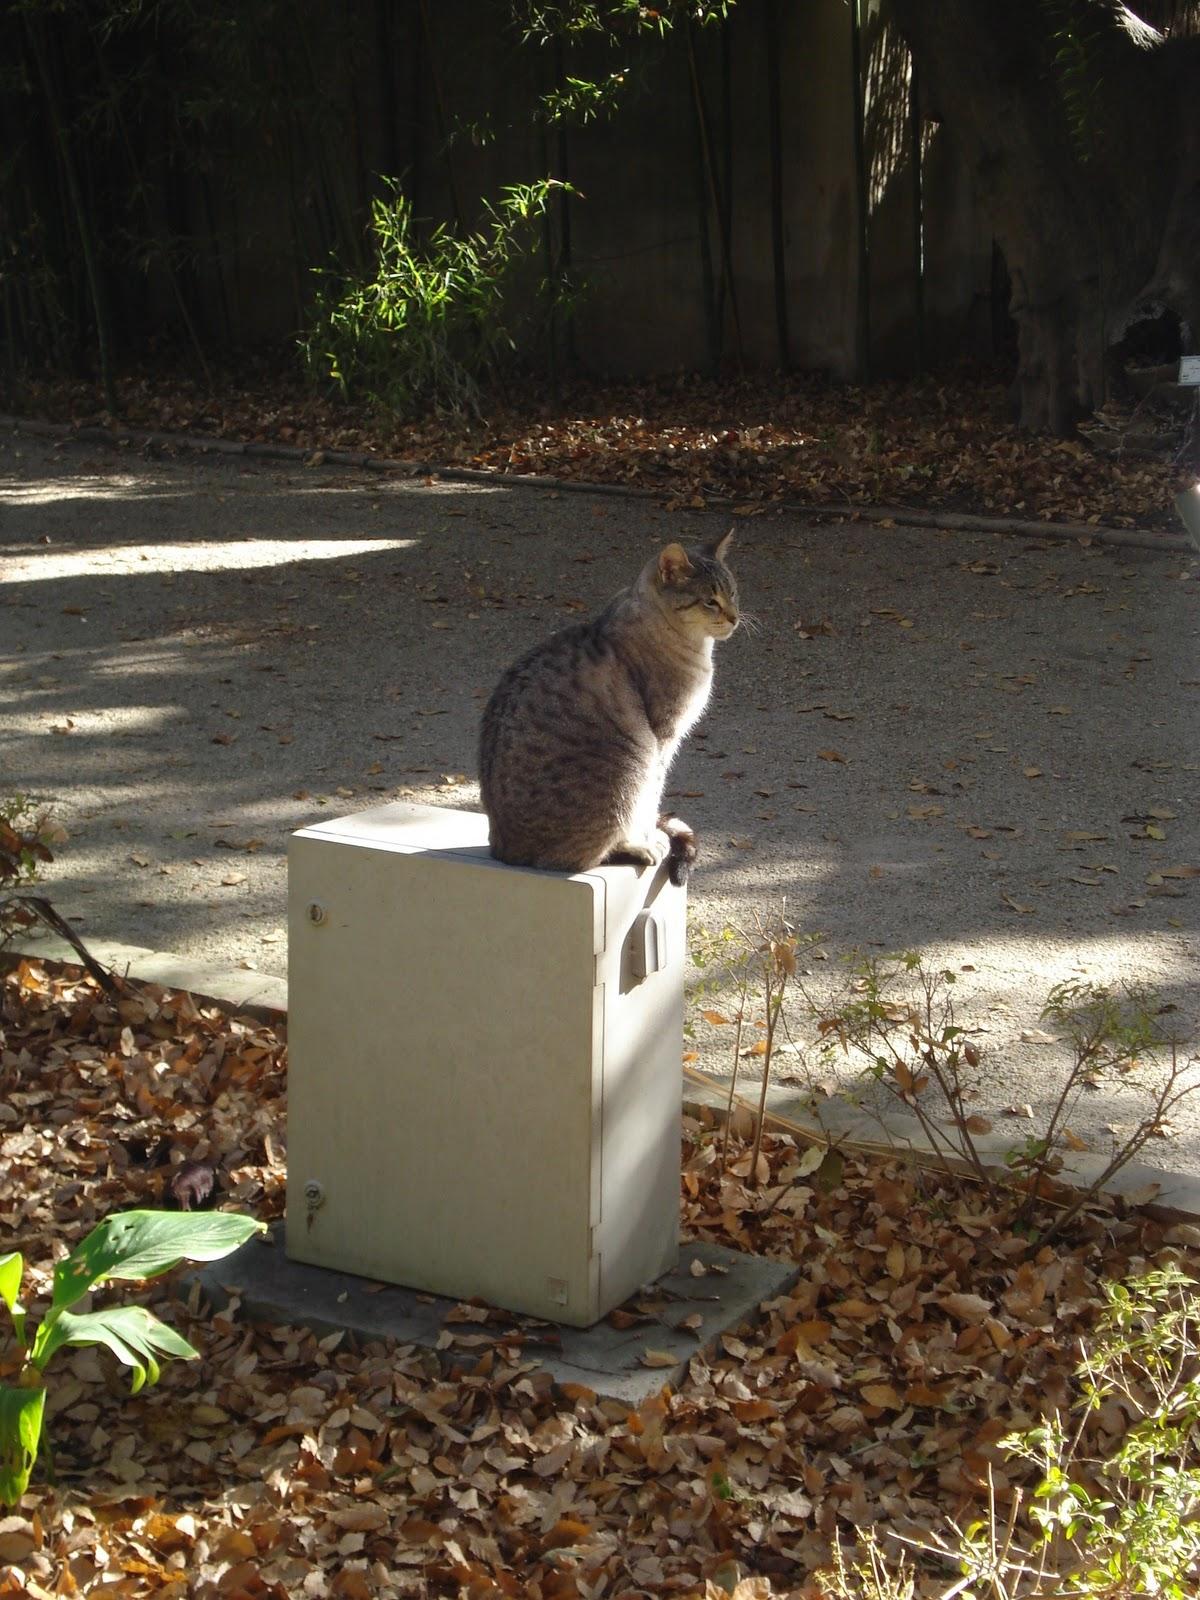 Chic souffl los gatos del jard n bot nico for Ahuyentar gatos jardin